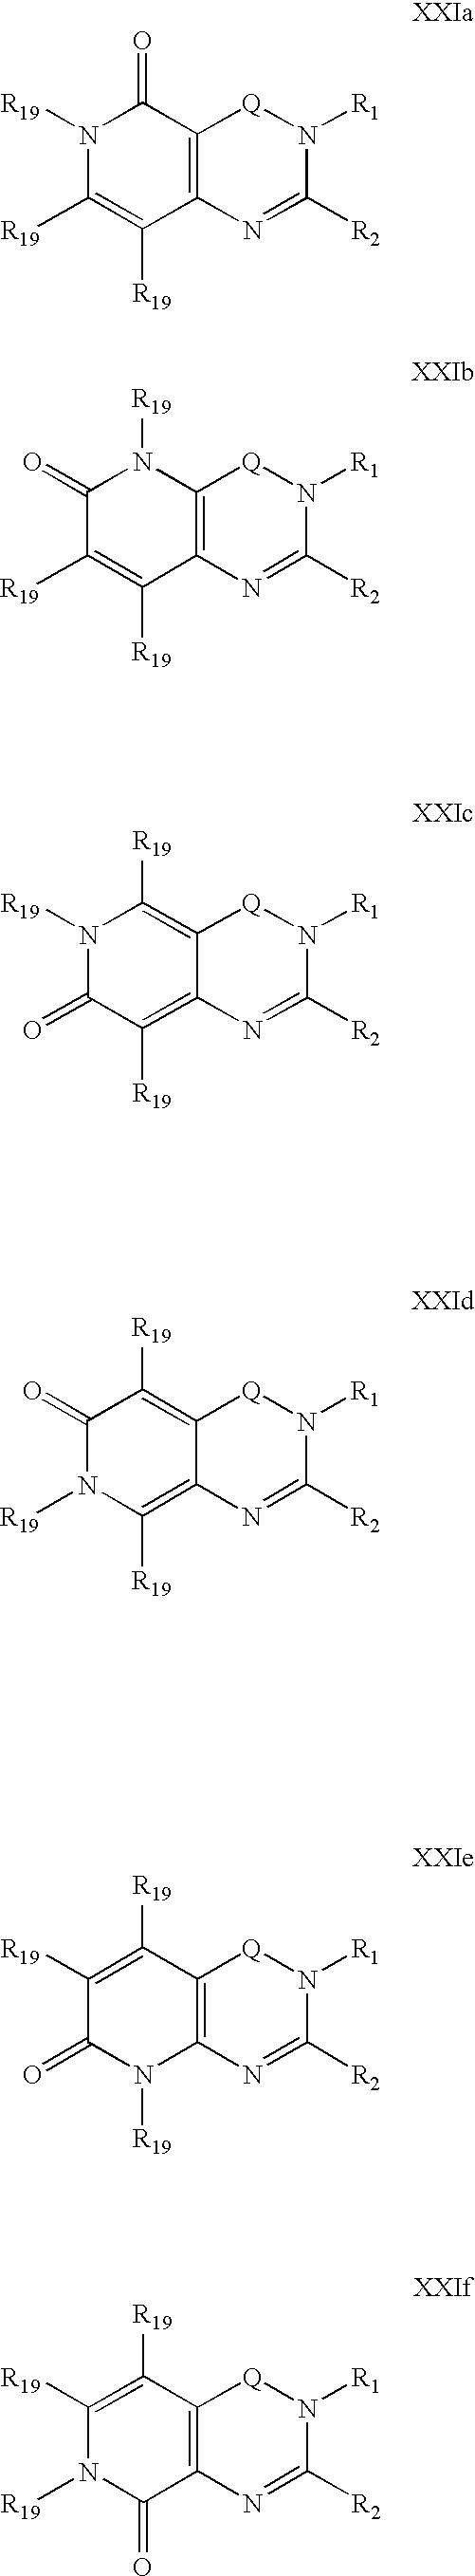 Figure US07687625-20100330-C00022